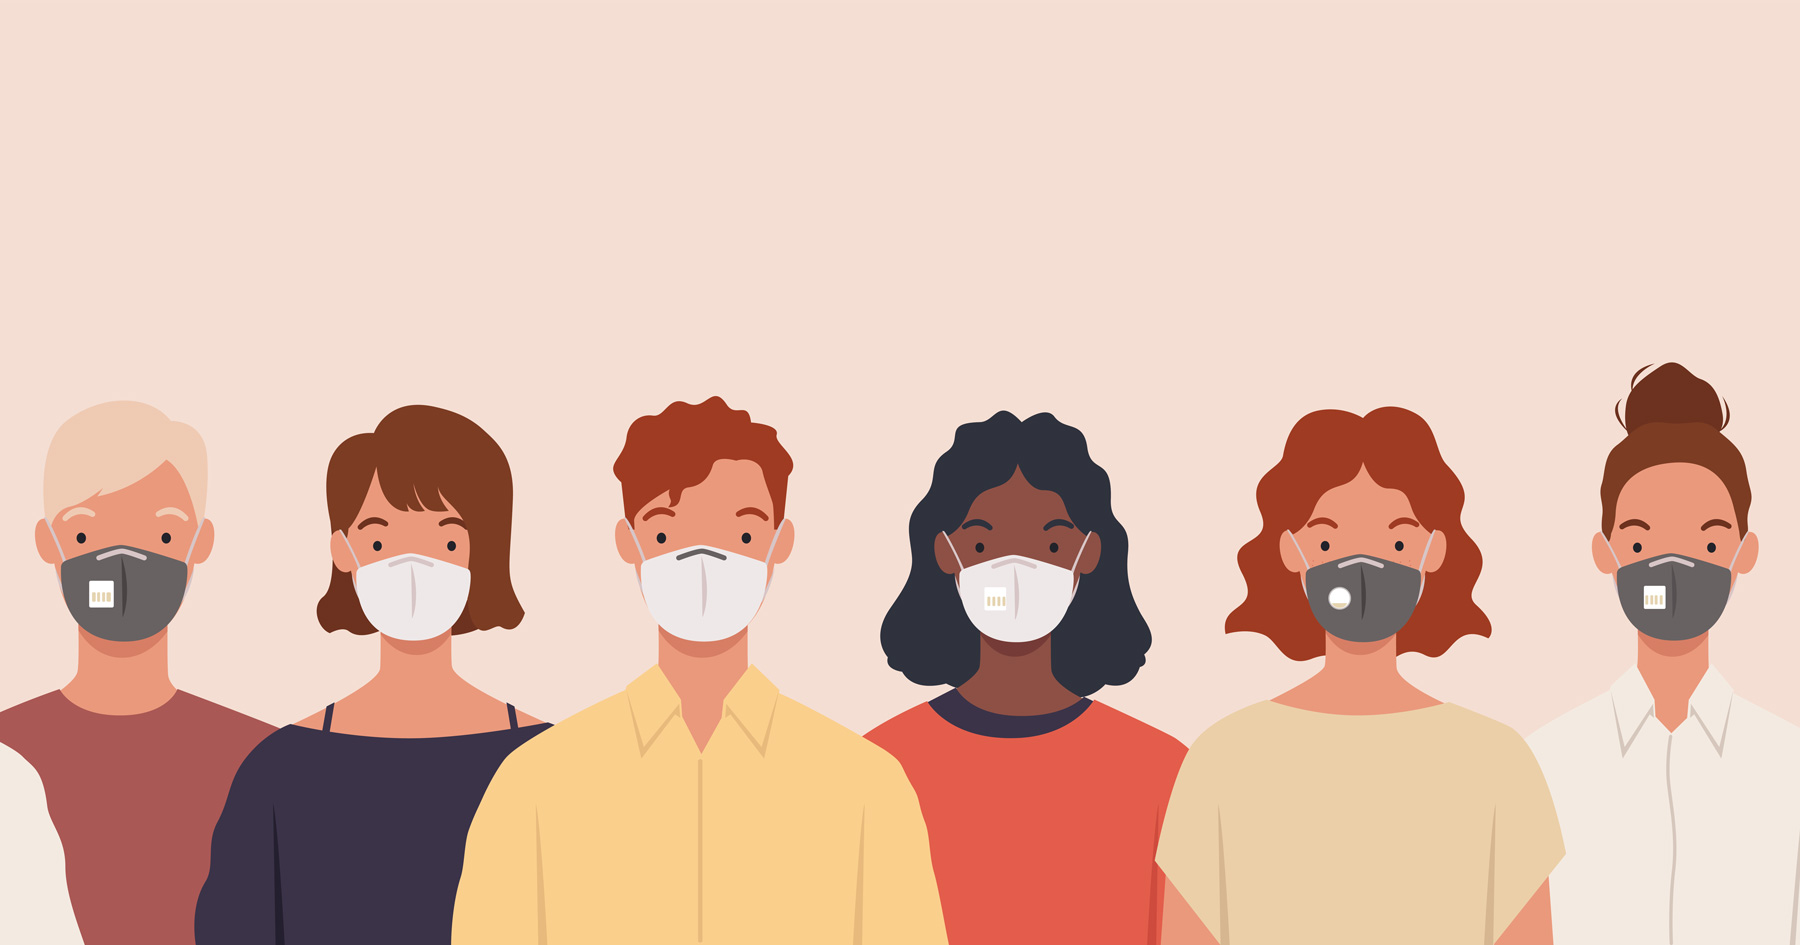 1people-wearing-masks_1595272107